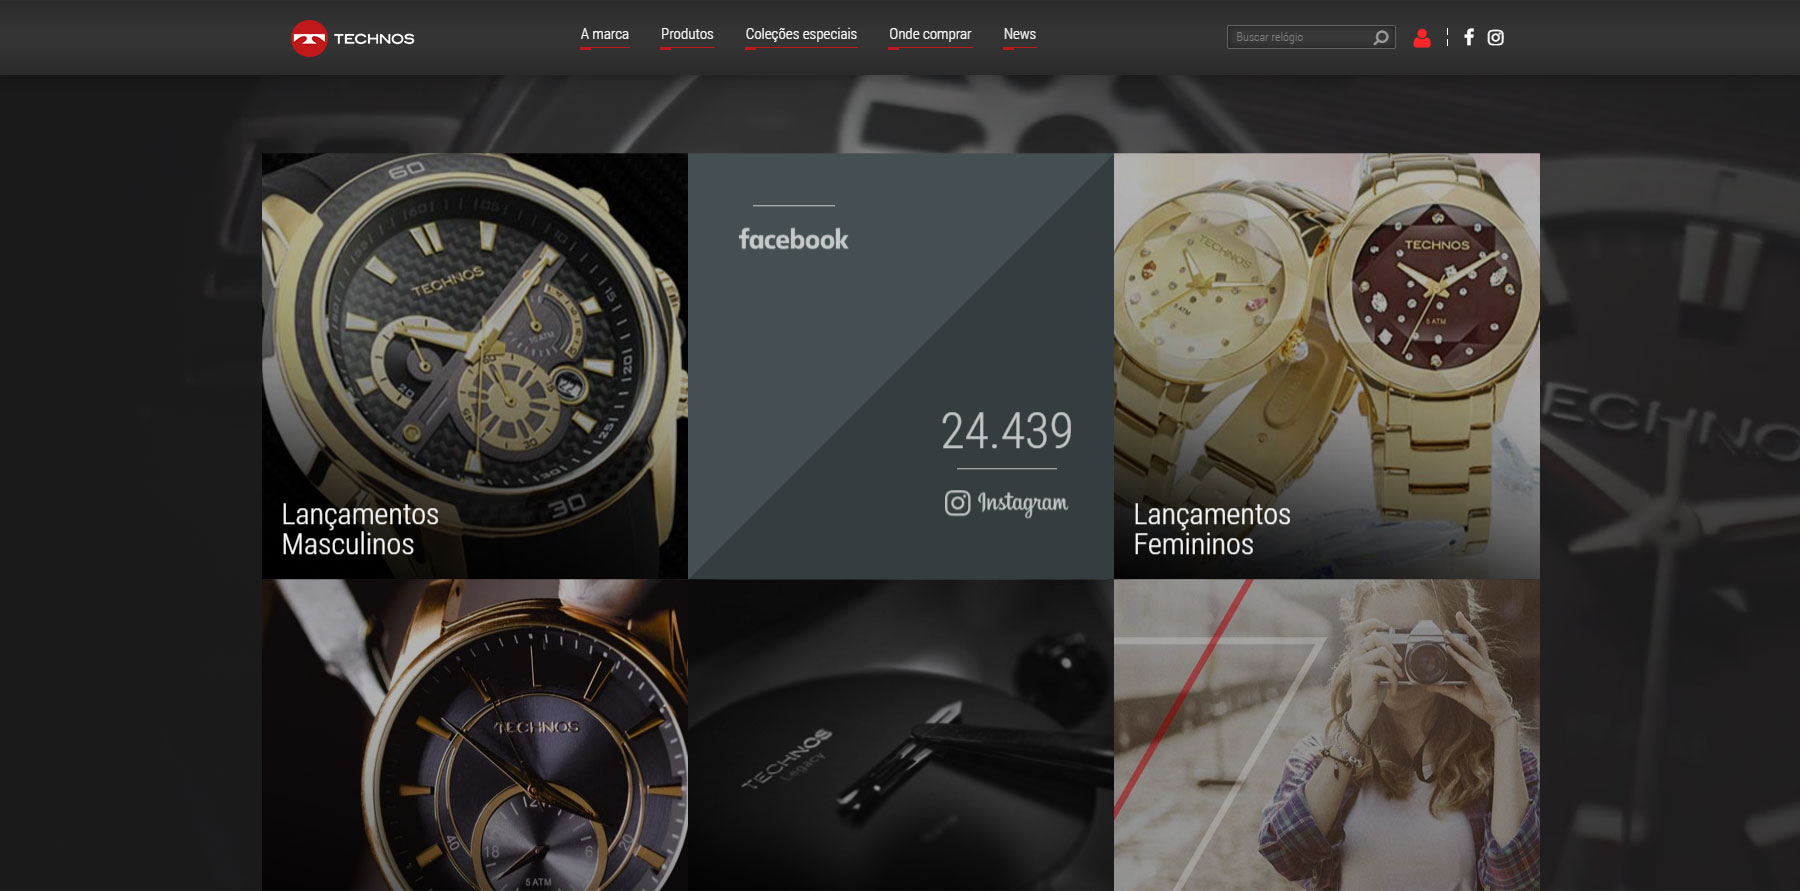 Technos | Viva cada conquista - Website of the Day